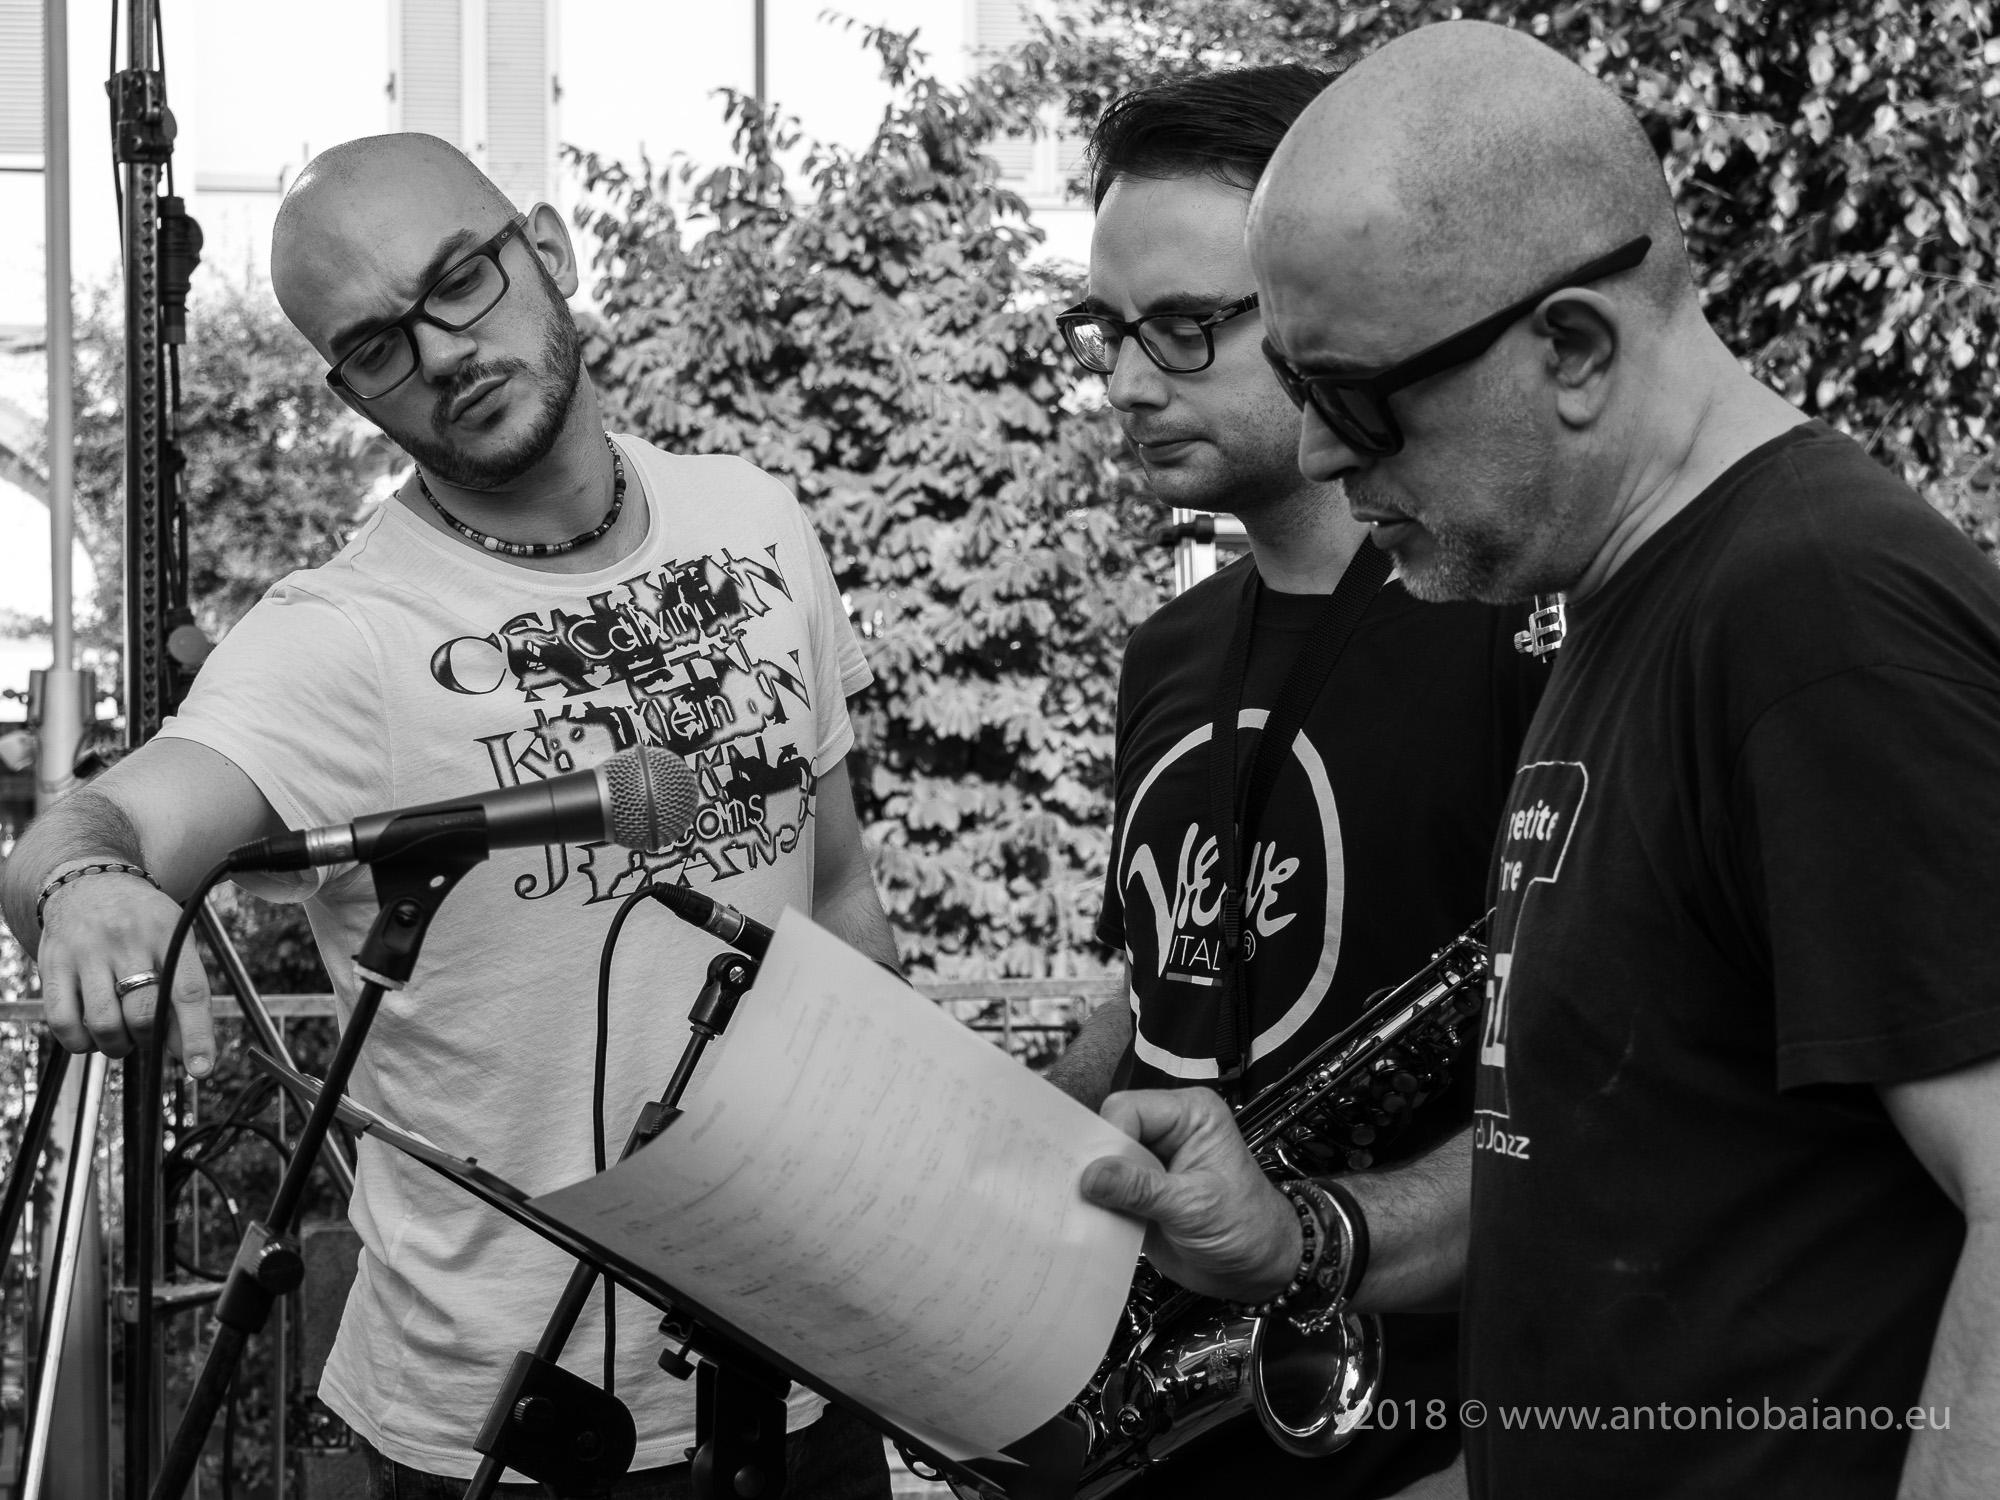 Fabio Giachino, Mattia Cigalini, Flavio Boltro